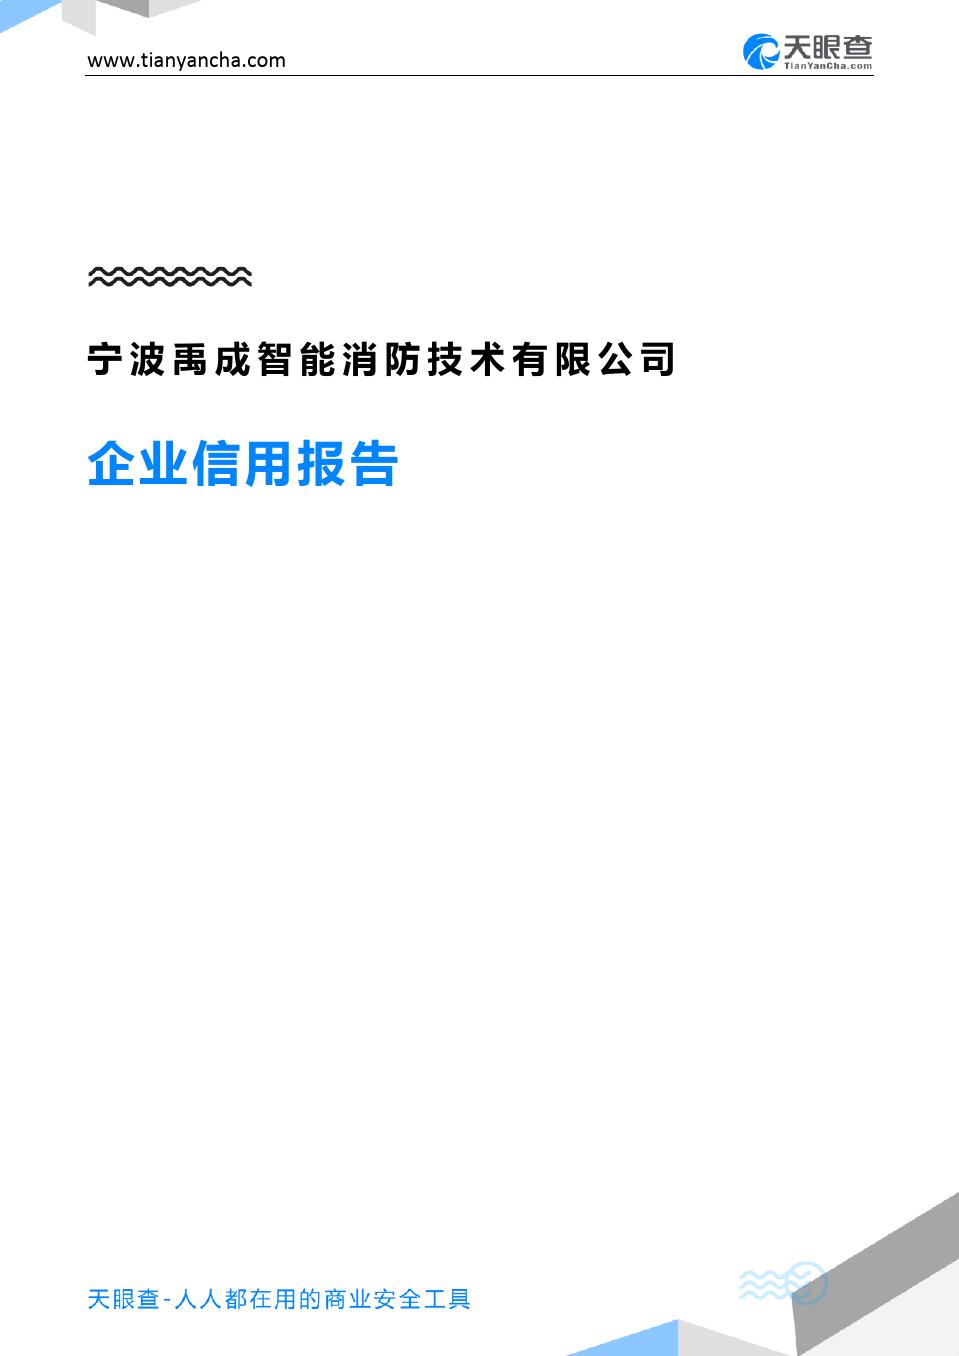 宁波禹成智能消防技术有限公司(企业信用报告)- 天眼查